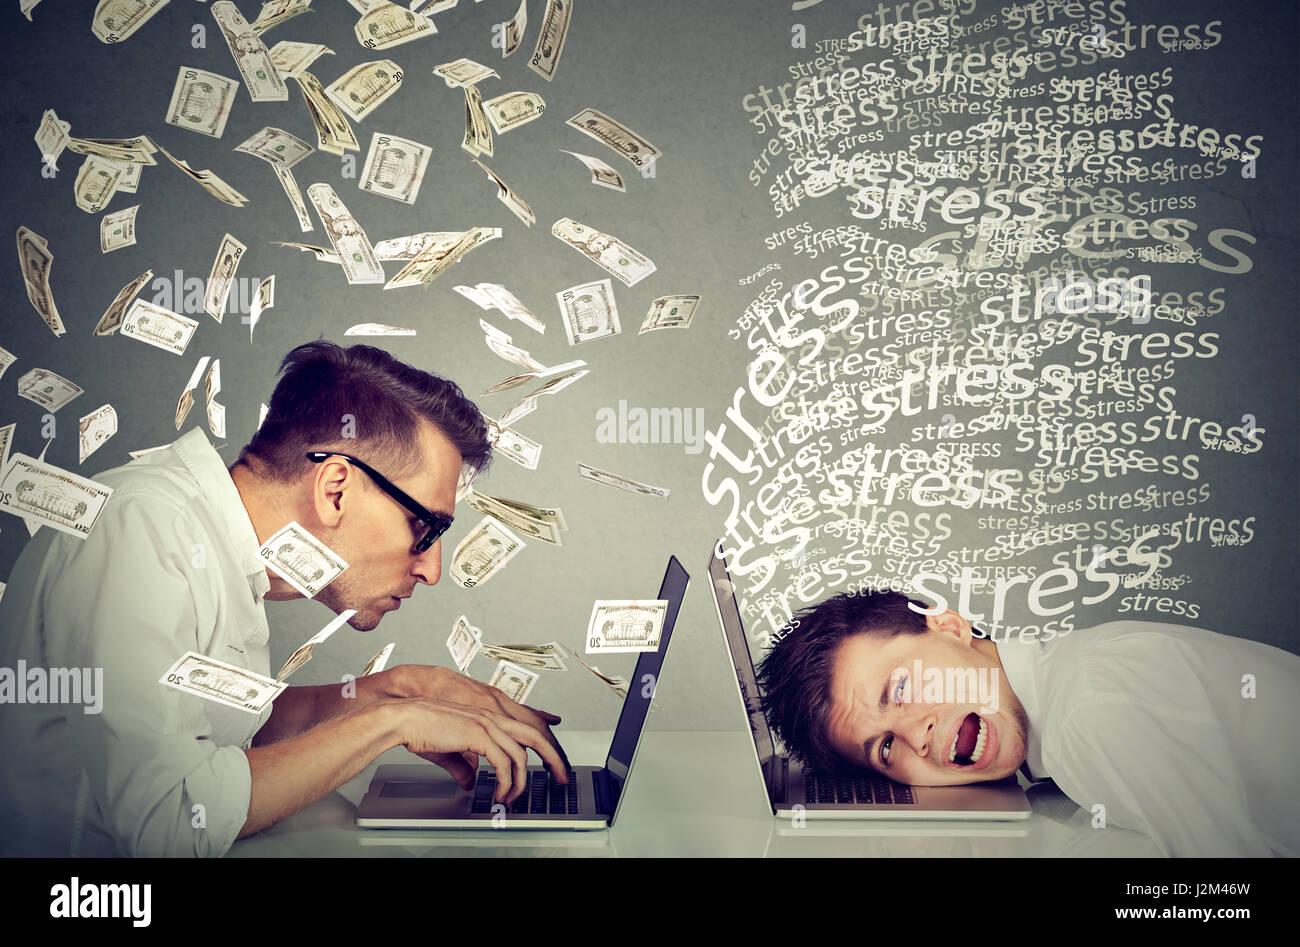 Le revenu de l'employé du concept d'économie d'indemnisation. Souligné homme désespéré Photo Stock